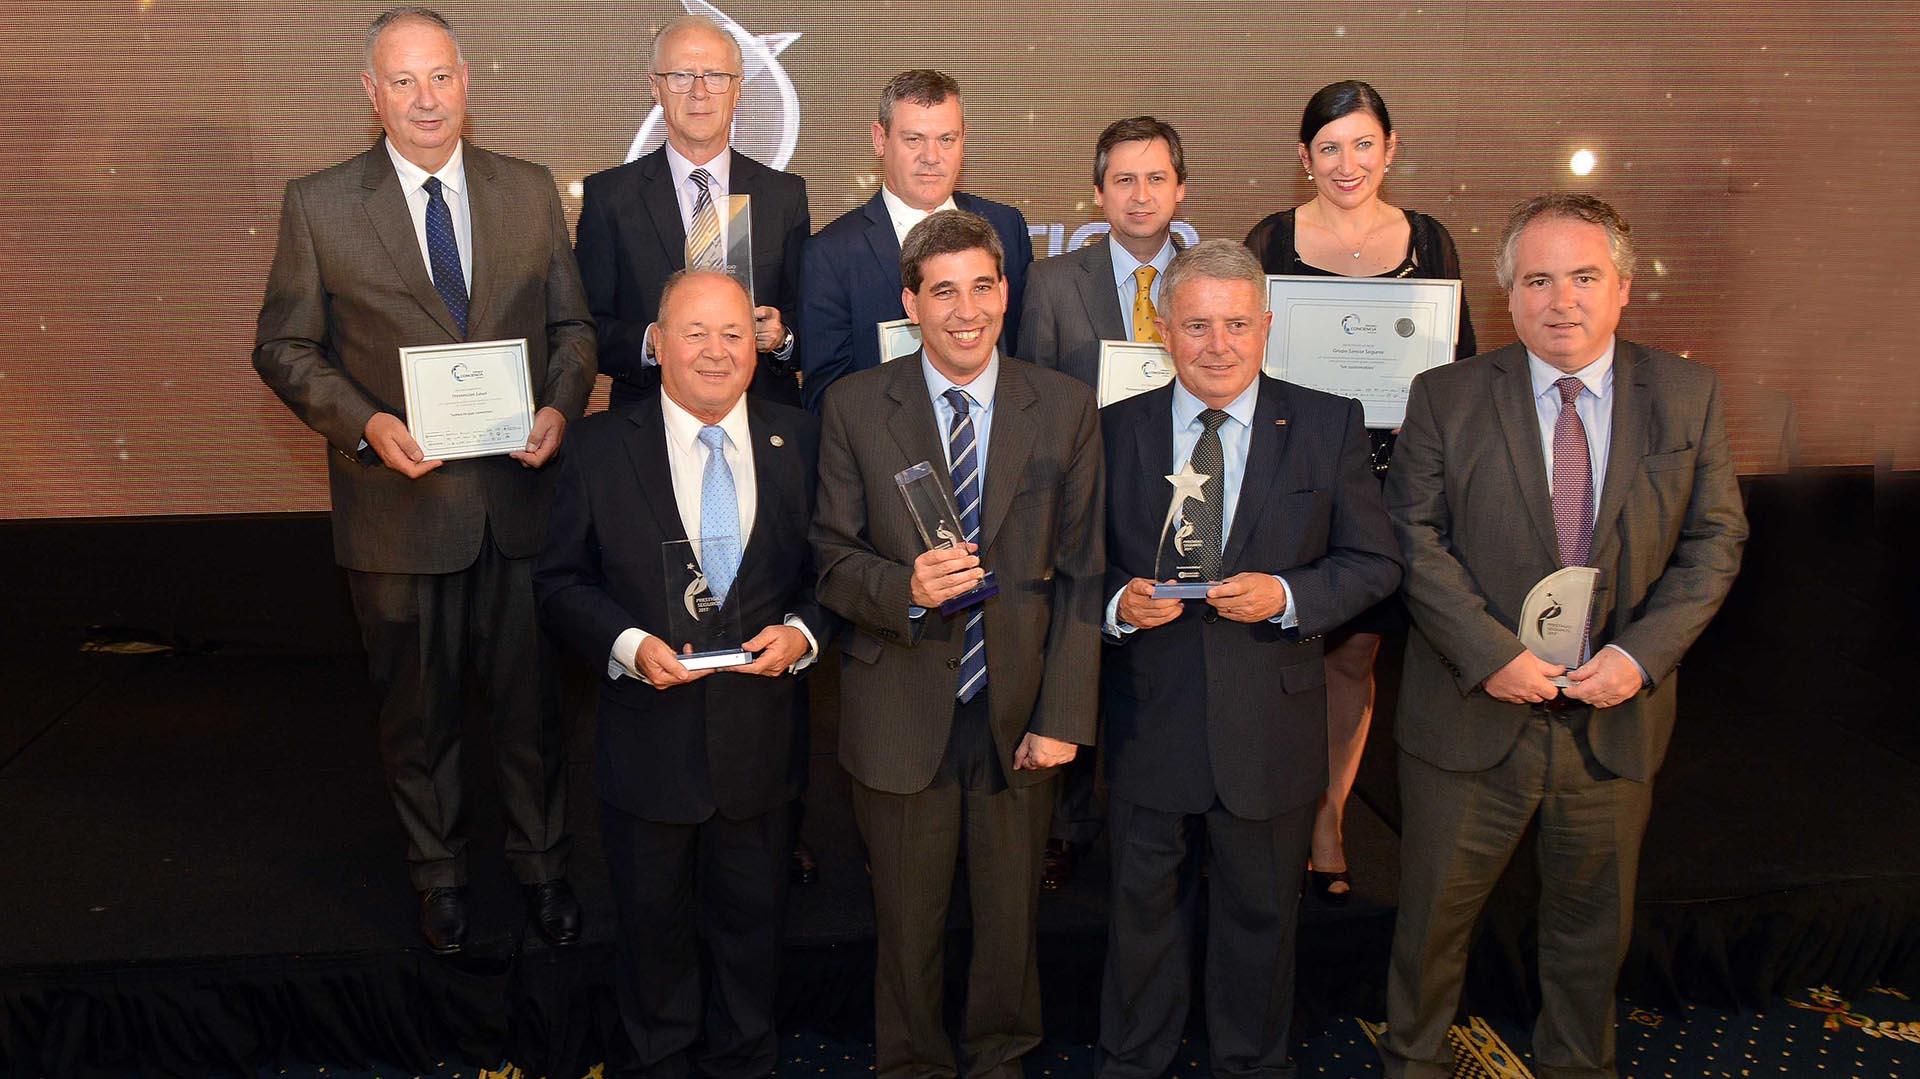 Los ejecutivos del Grupo Sancor Seguros durante la premiación en el evento